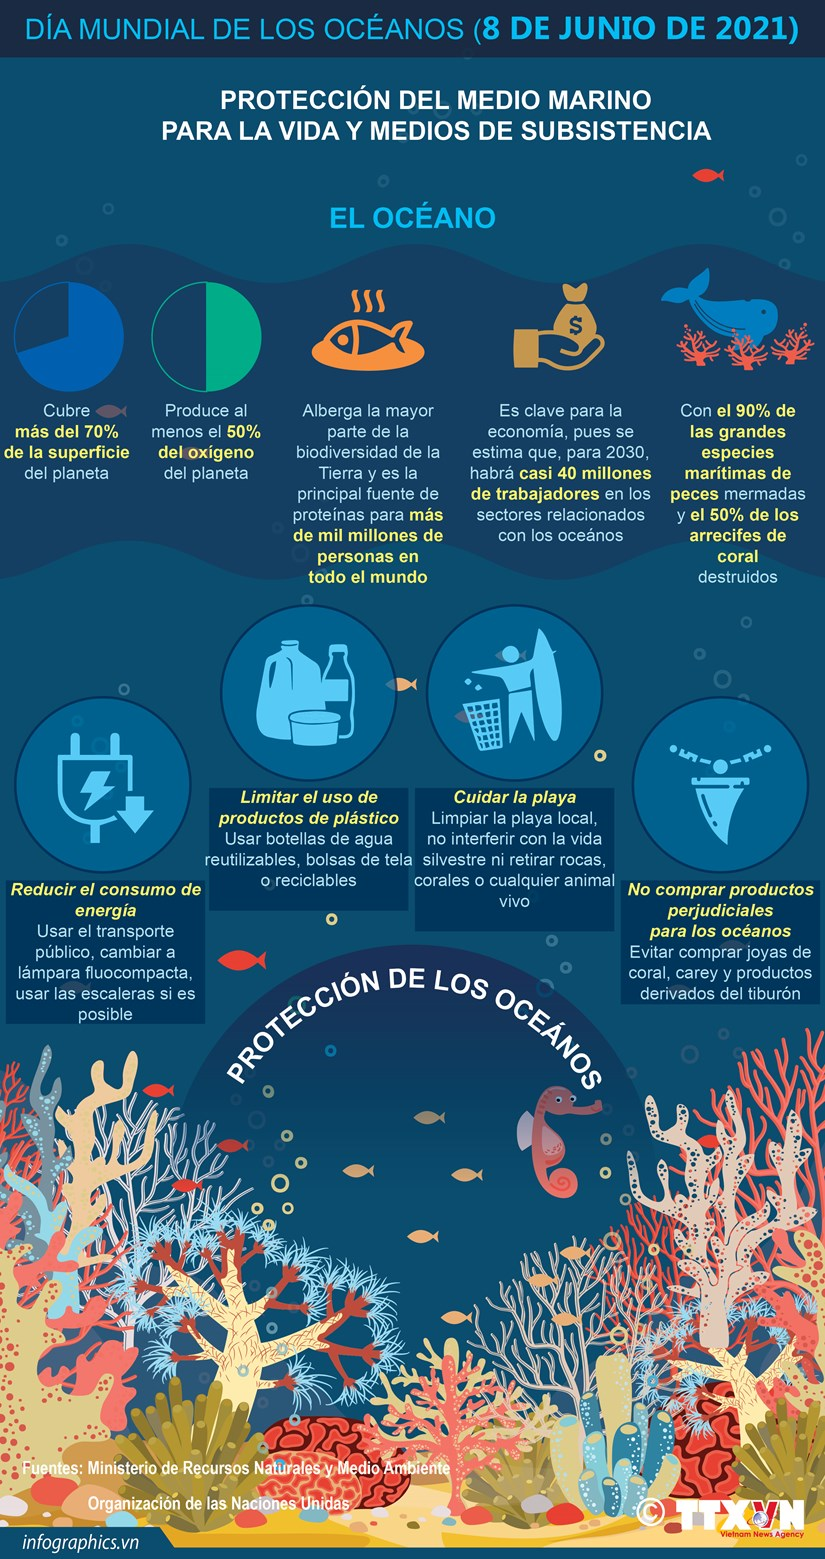 Dia Mundial de los Oceanos hinh anh 1